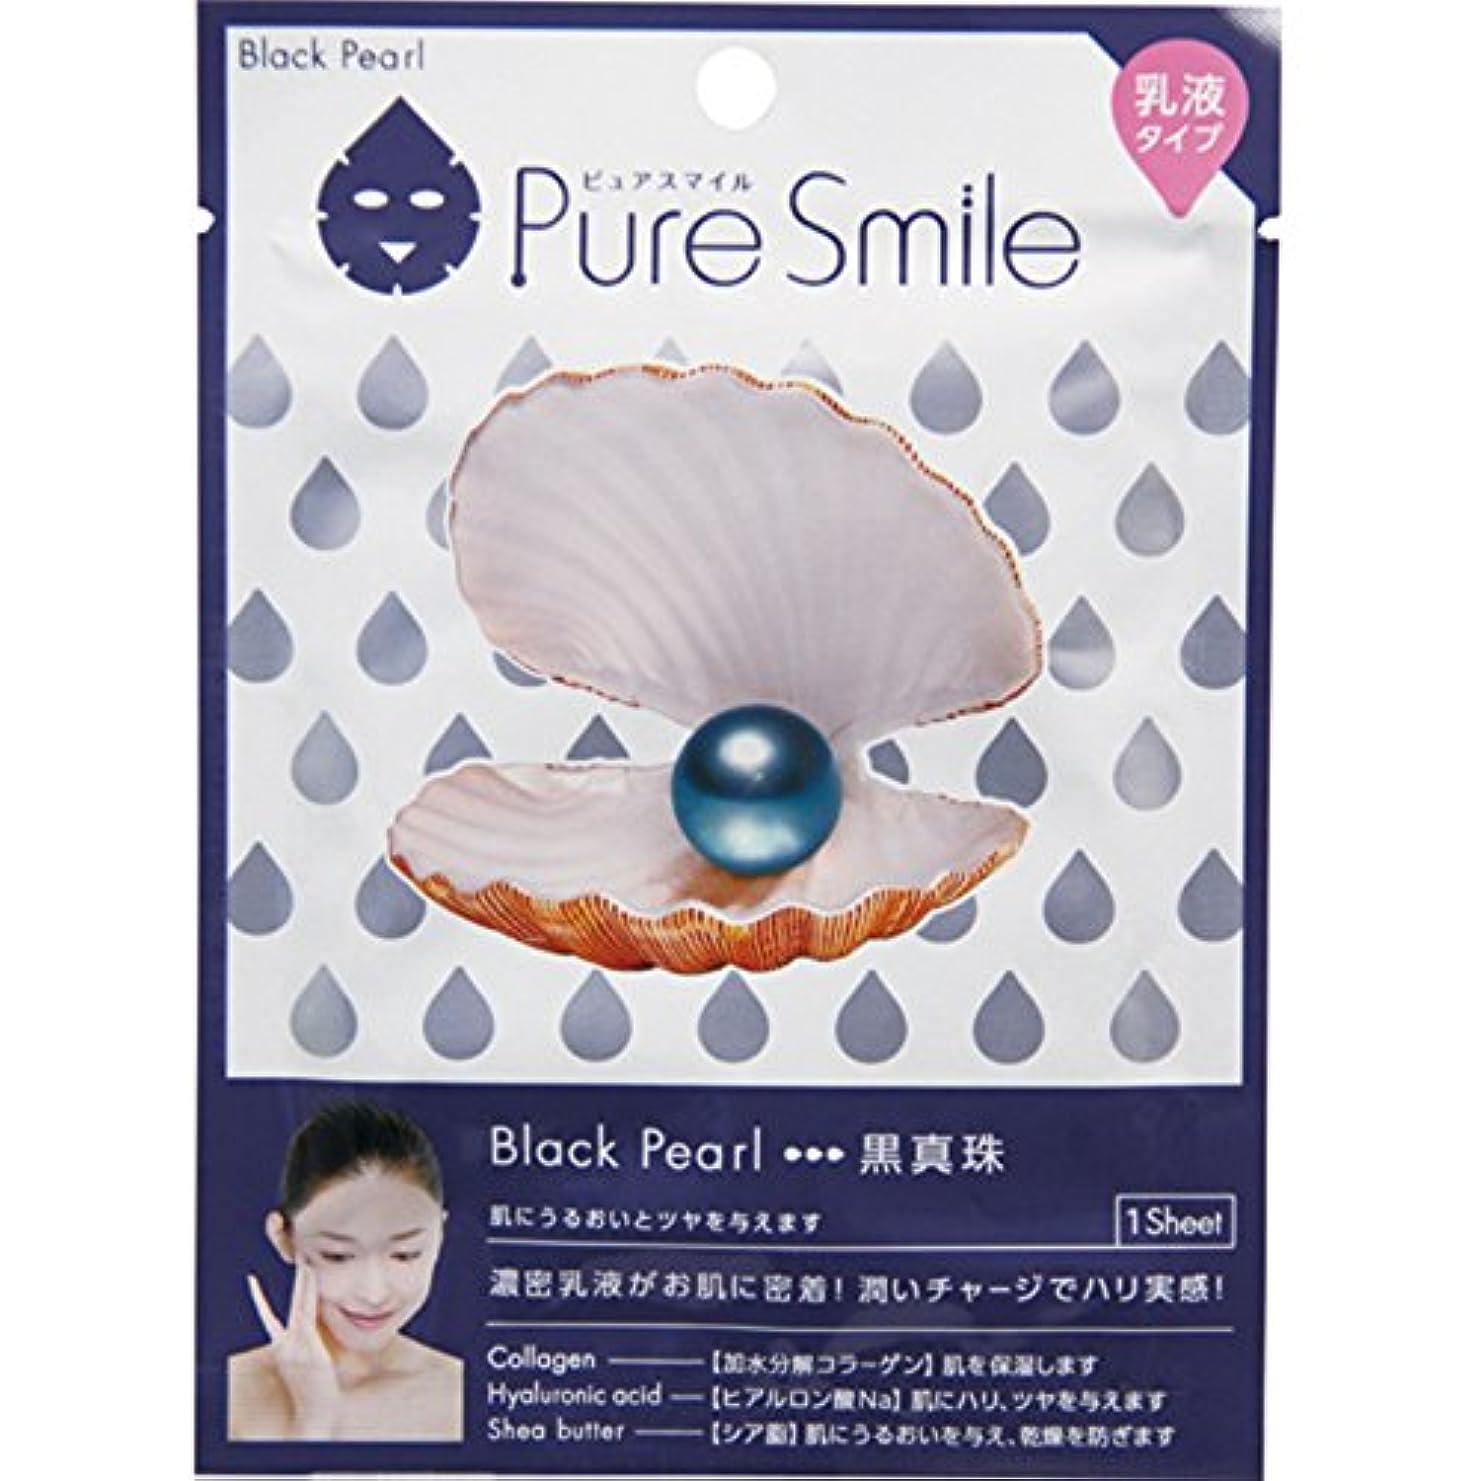 予防接種コア一ピュアスマイル 乳液エッセンスマスク 黒真珠 1枚【5個セット】